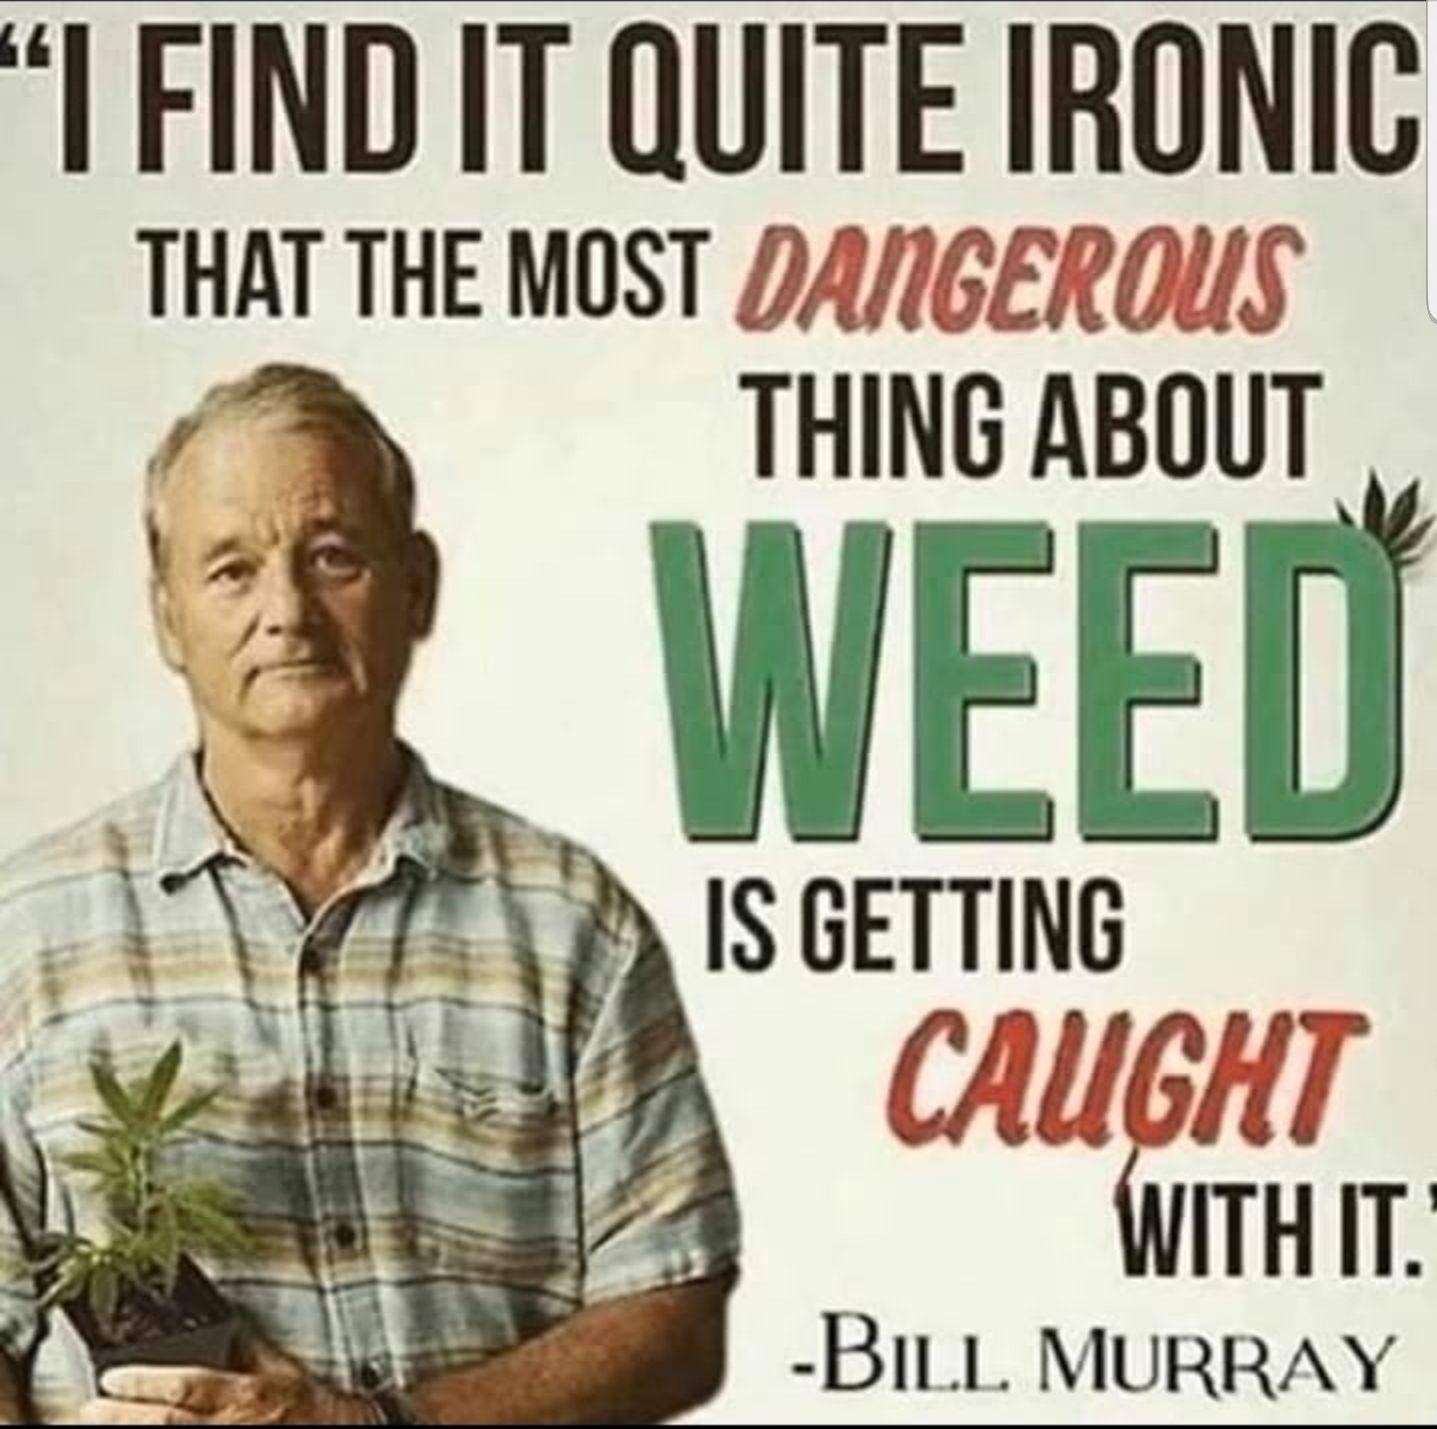 True words from Bill.